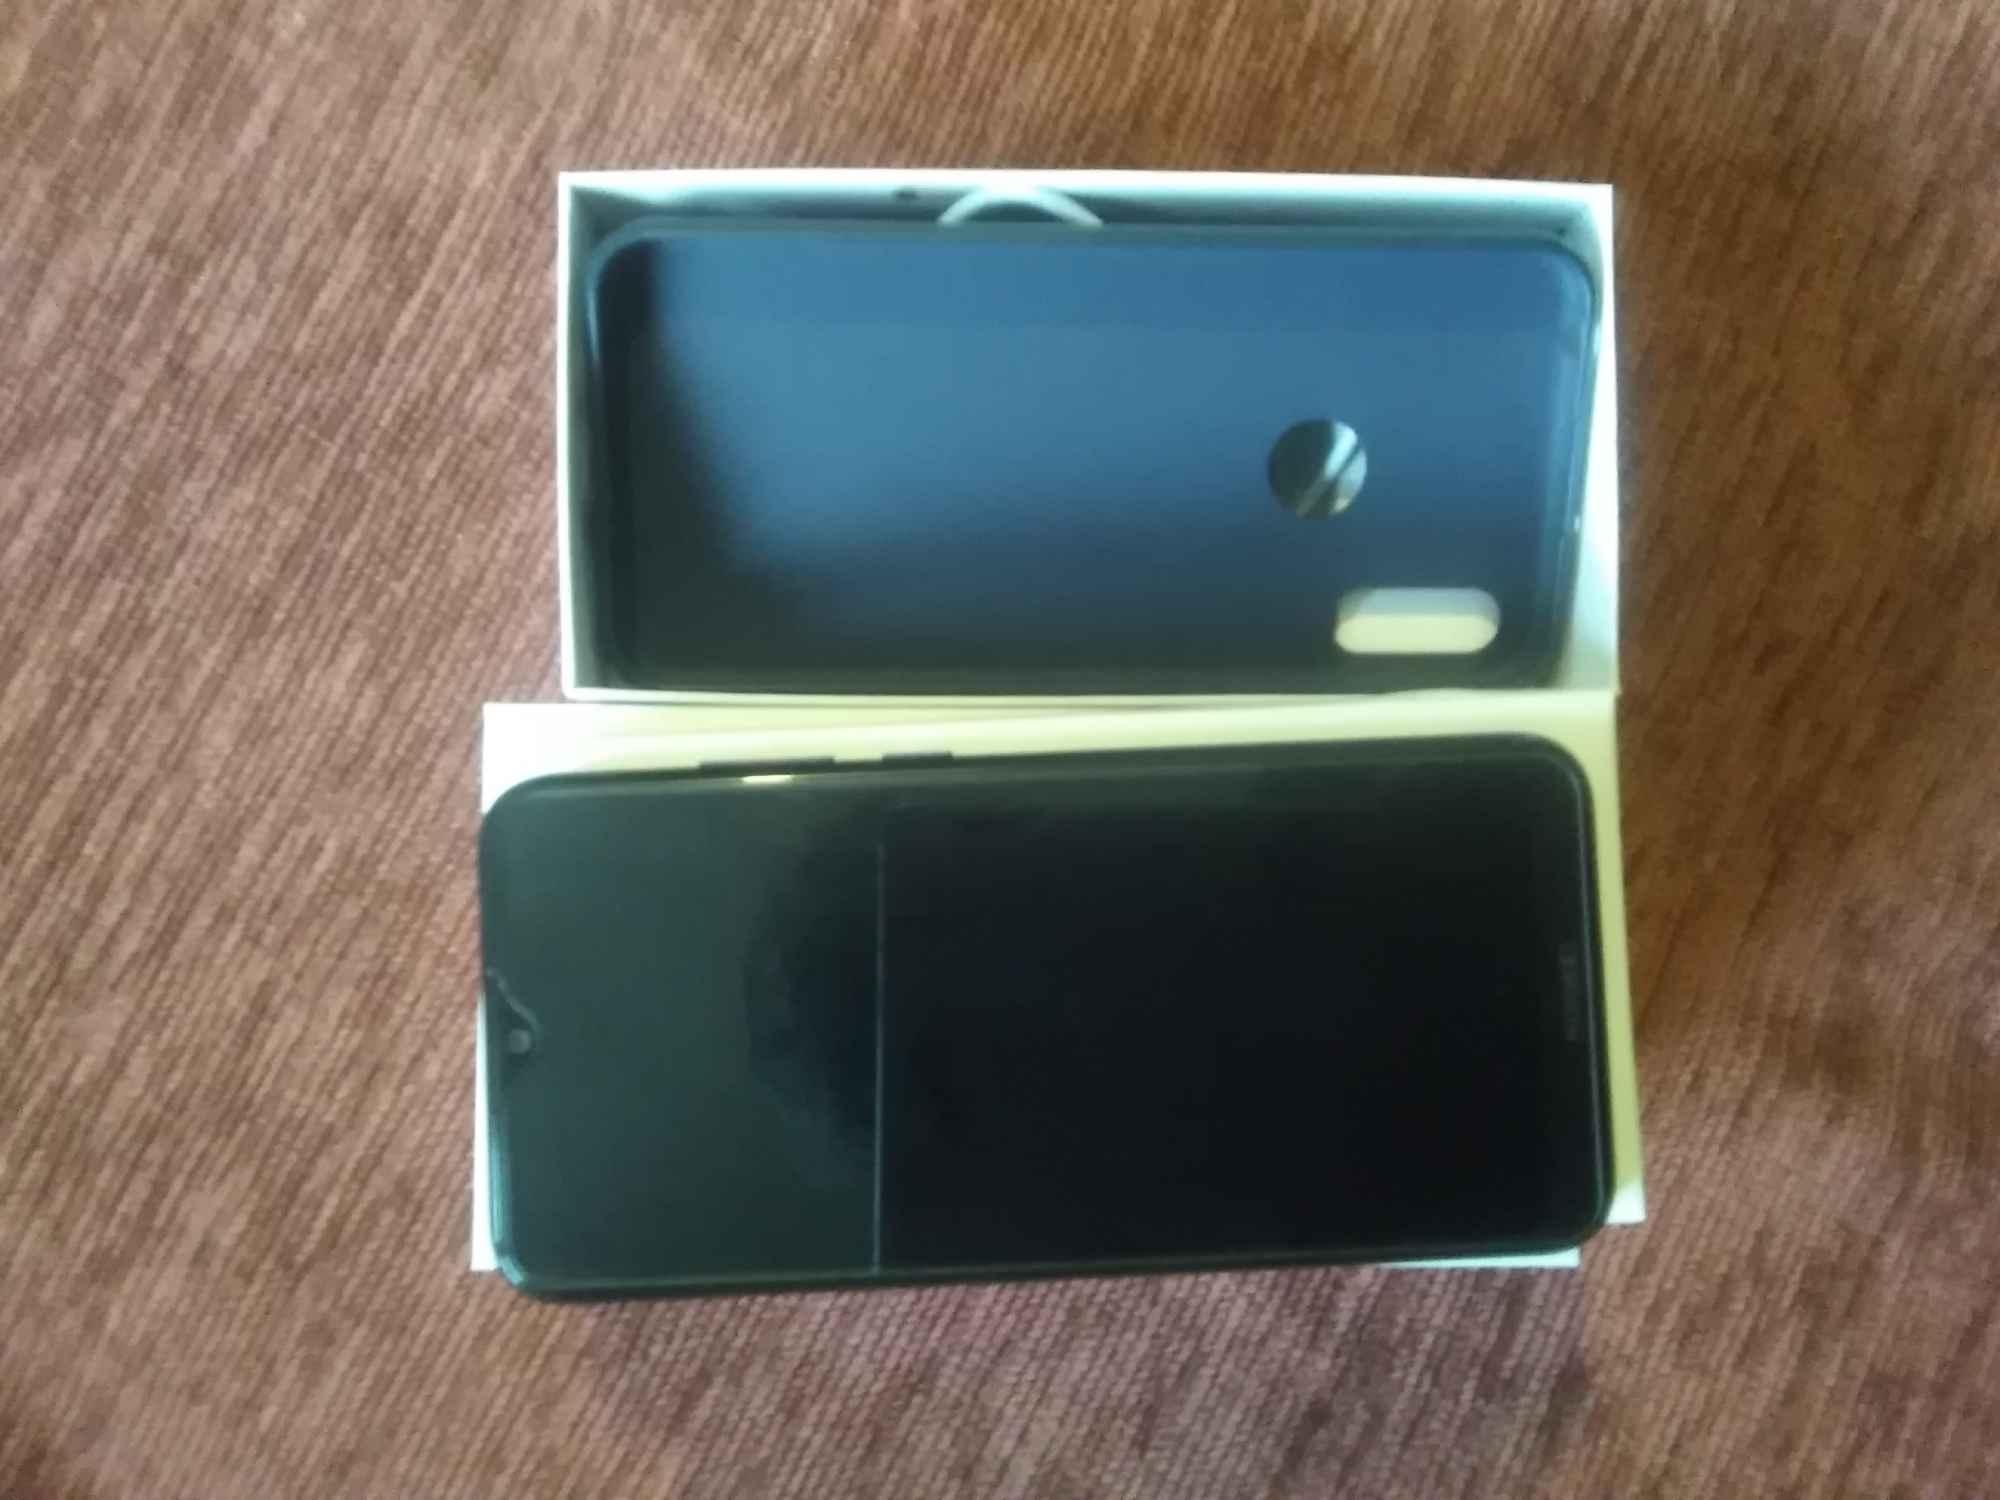 Spszedam Huawei y6s używany może miesiąc Łochów - zdjęcie 4